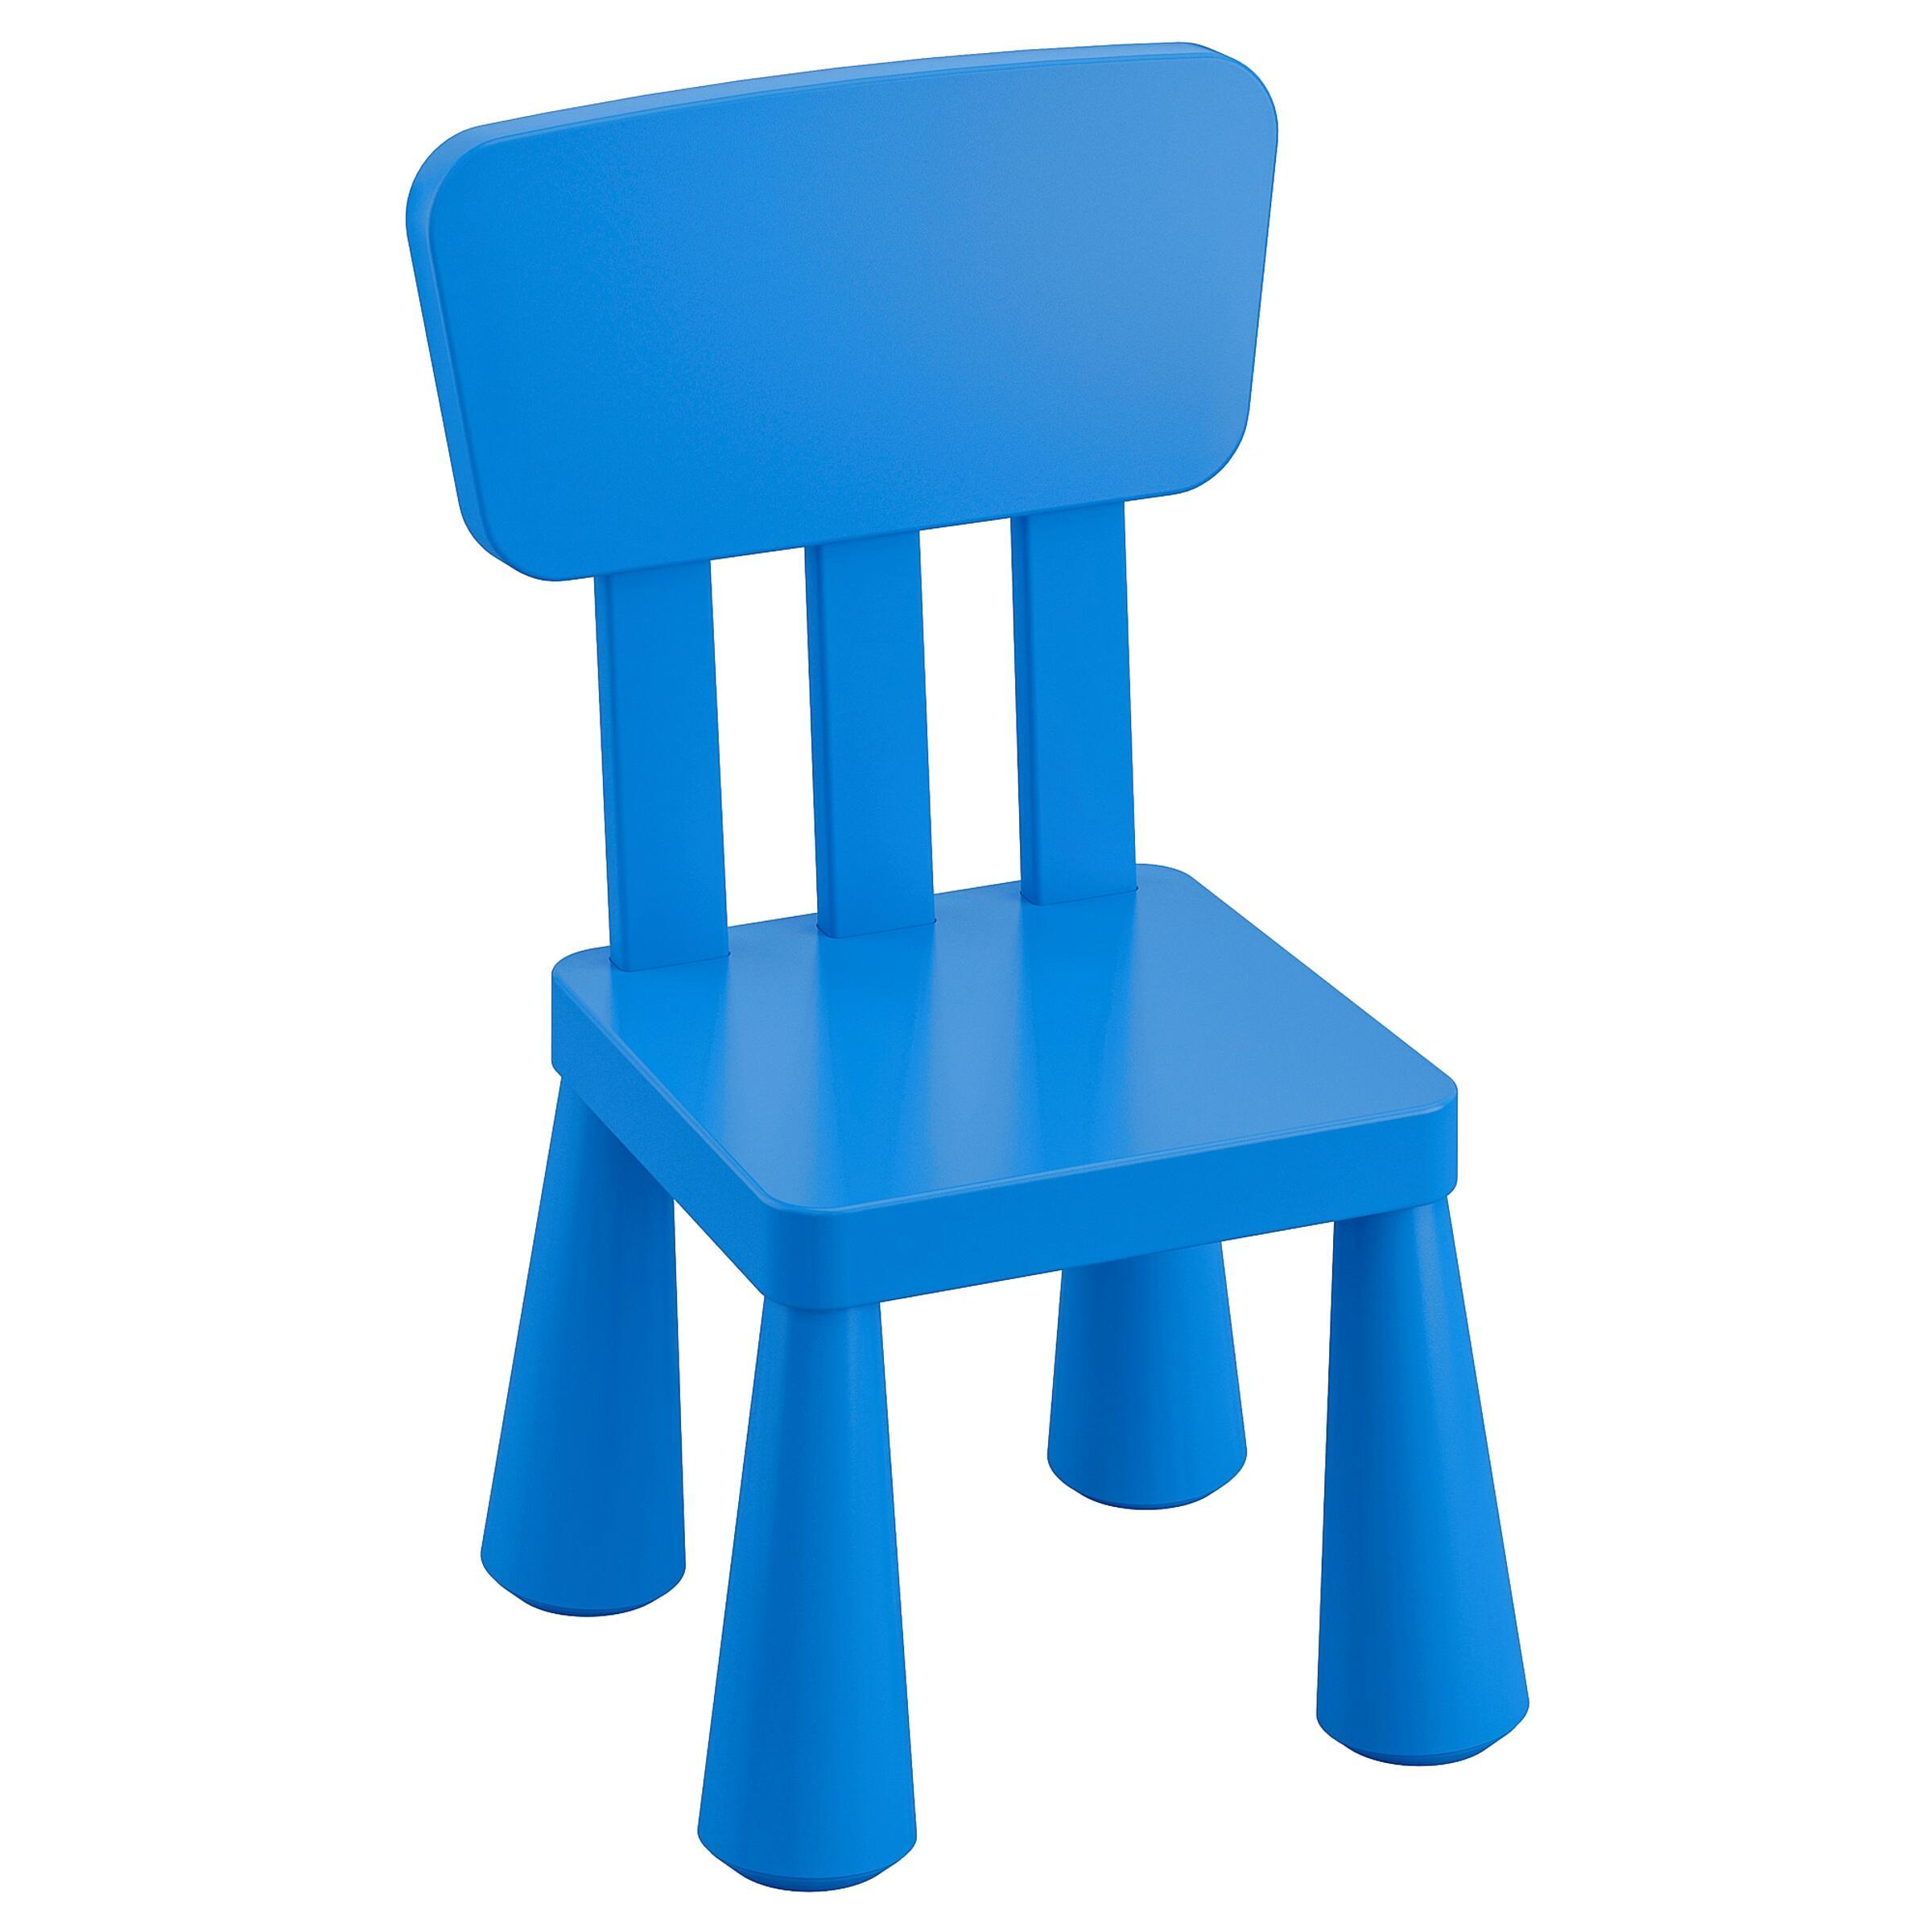 Ikea mammut usato in italia vedi tutte i 91 prezzi for Ikea usato milano